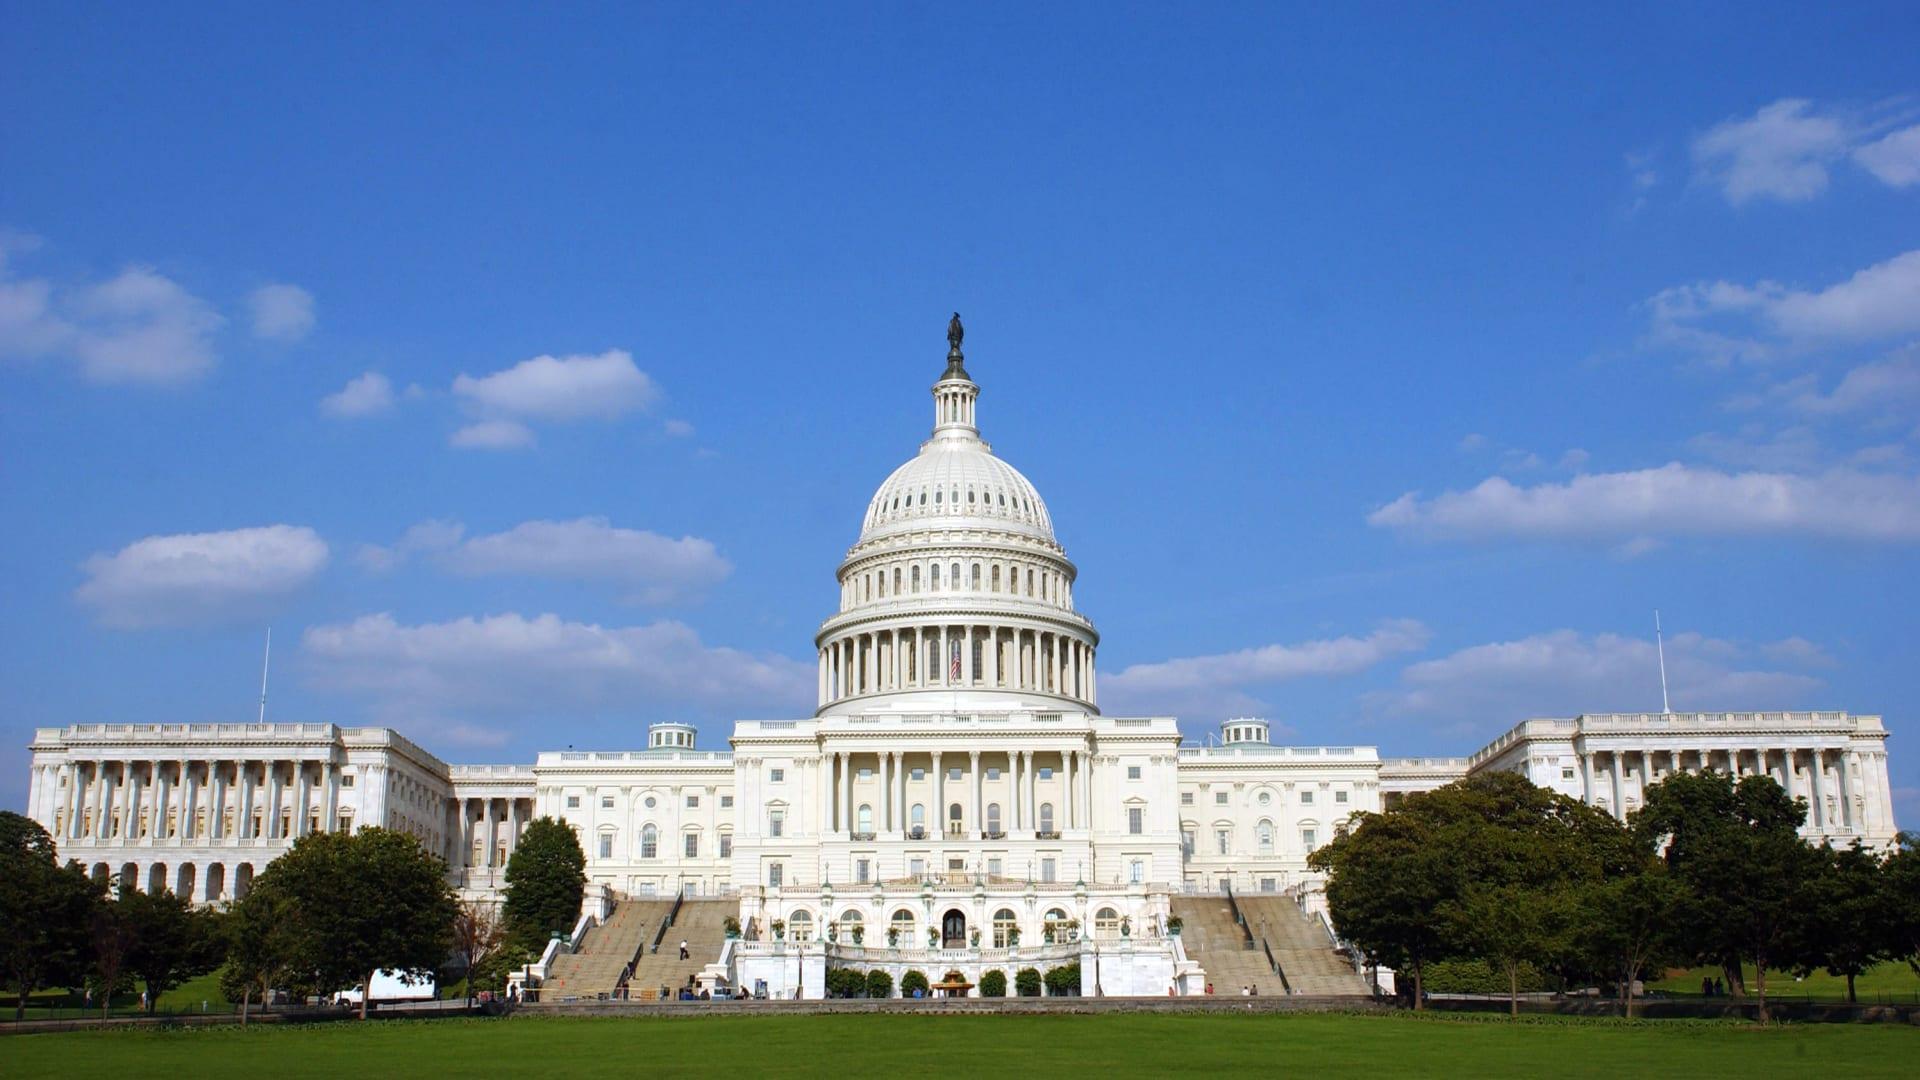 صورة ارشيفية لمبنى الكونغرس الأمريكي